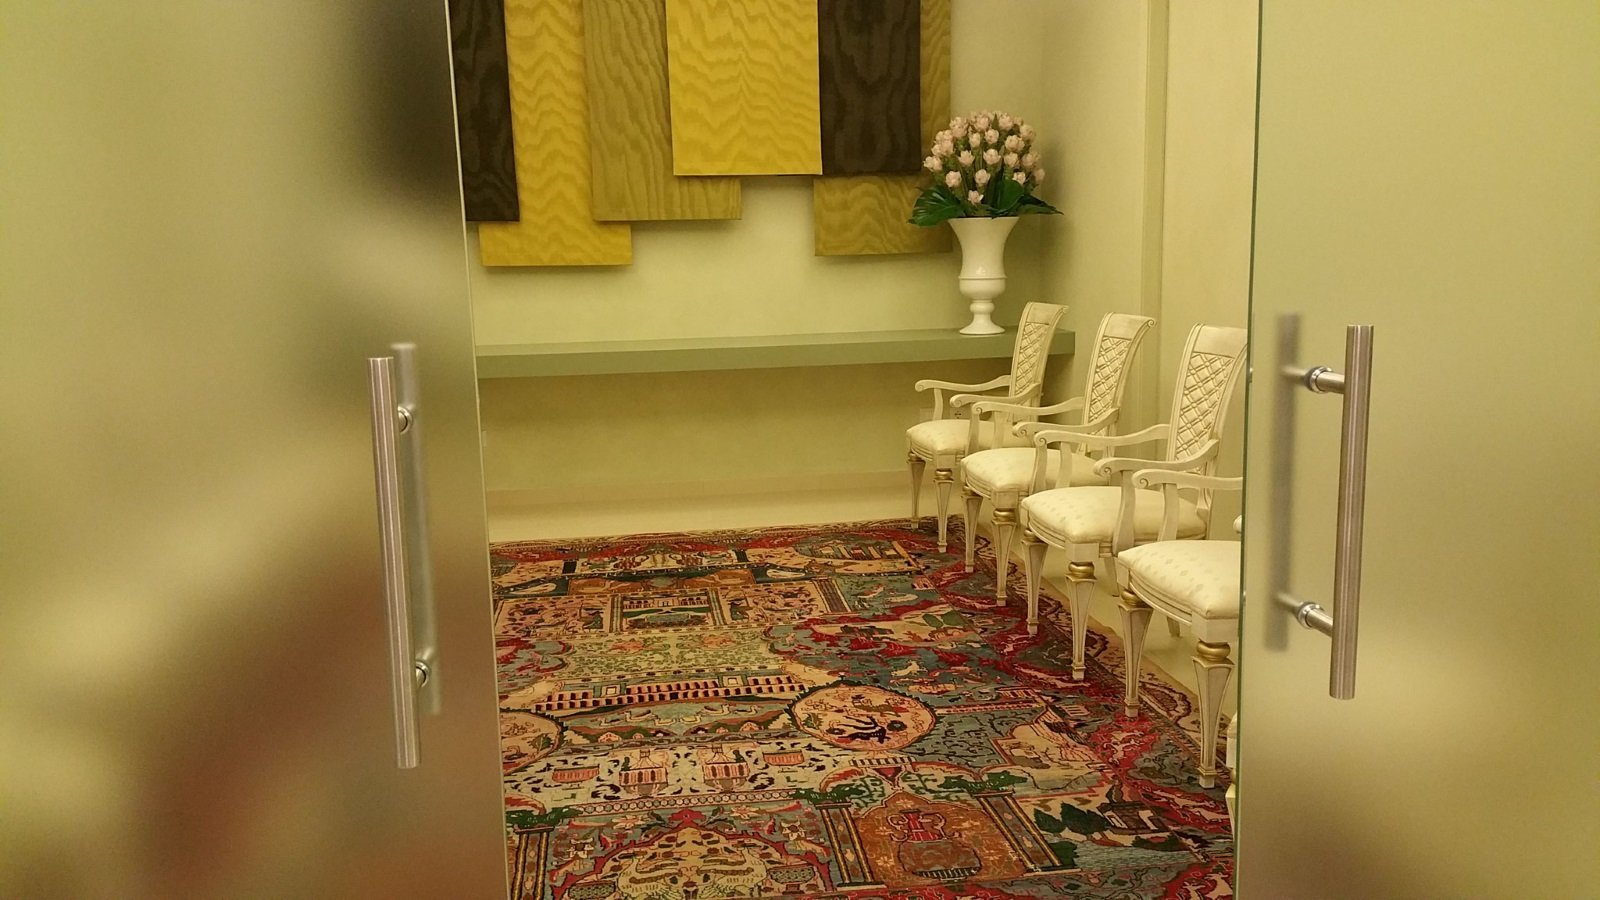 una stanza con un tappeto e delle sedie